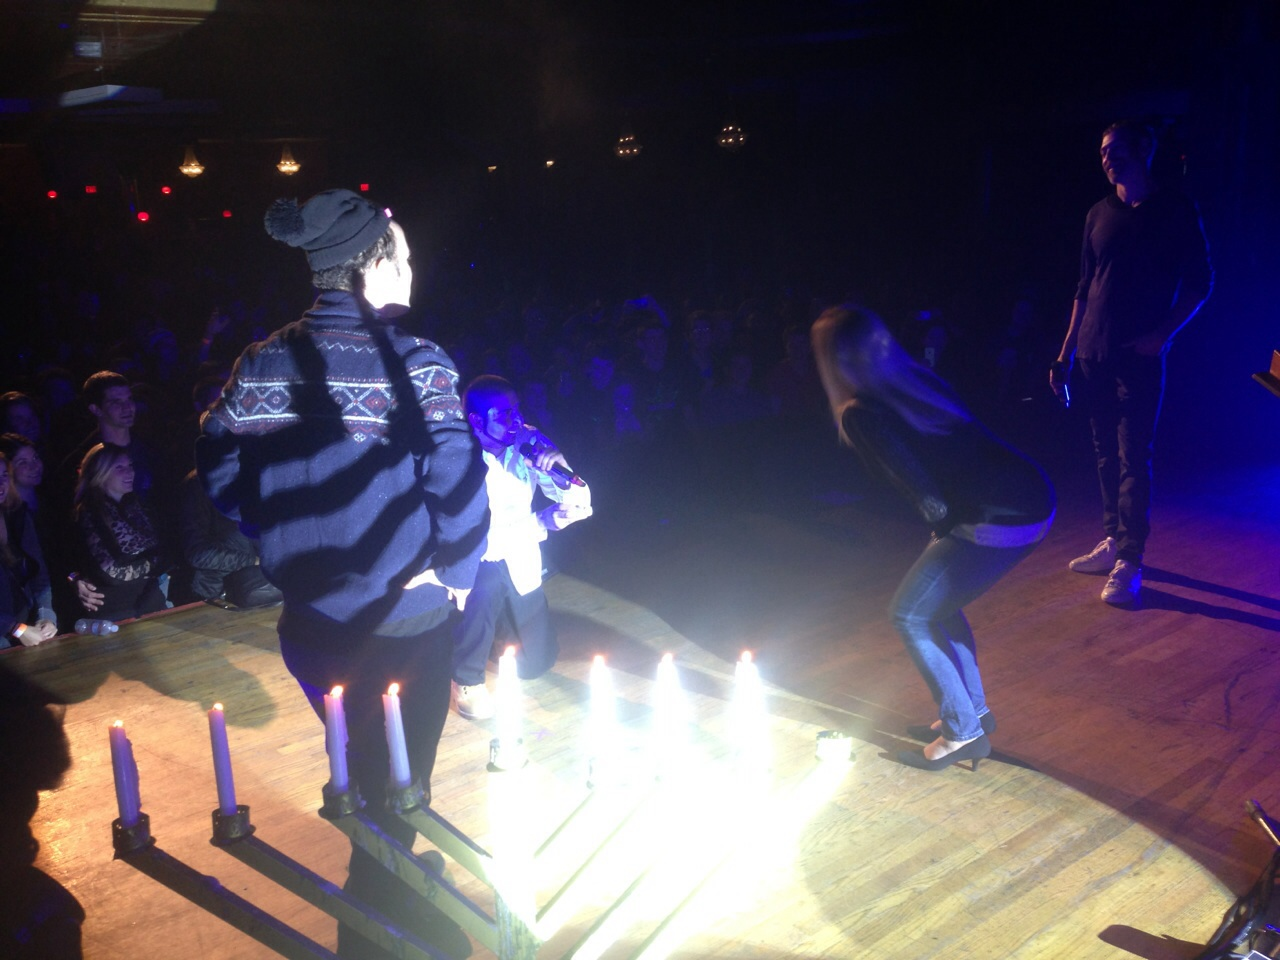 Image 4 of Jess and Ben | Proposal at a Matisyahu Concert